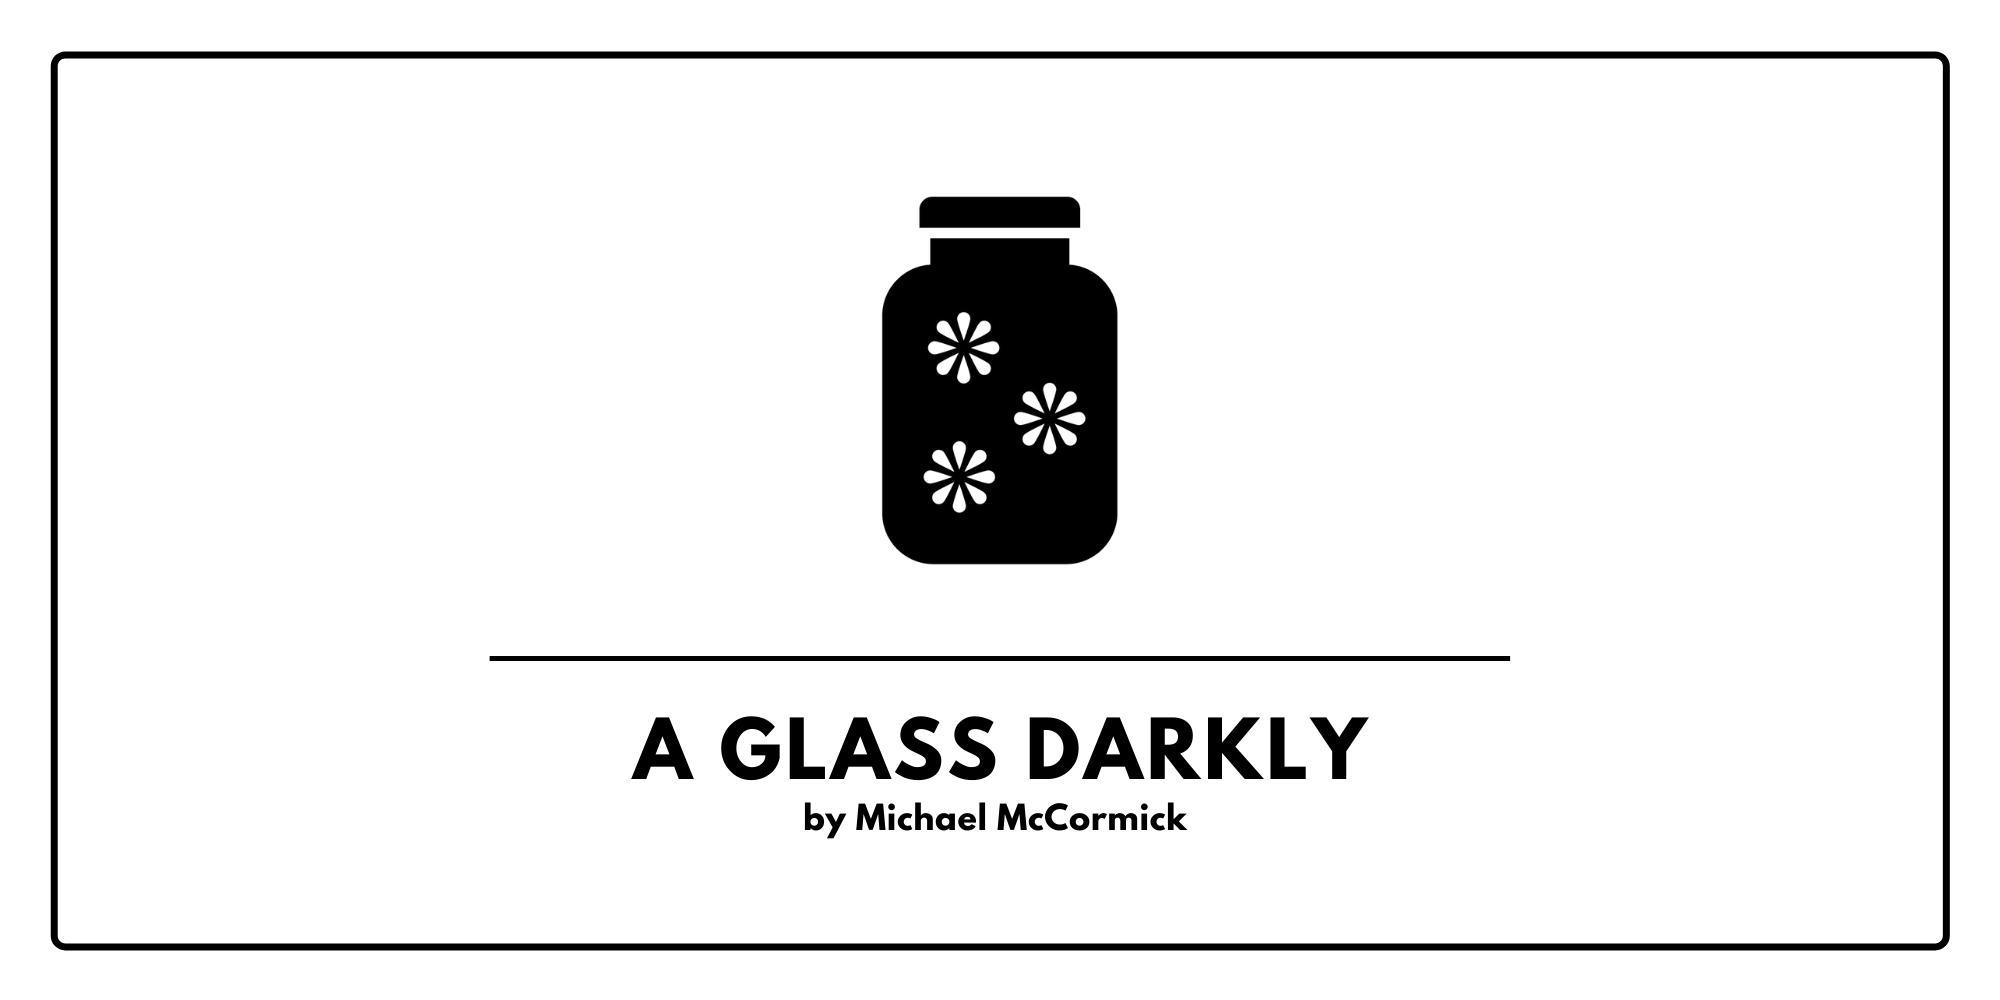 Glass darkly arcanist